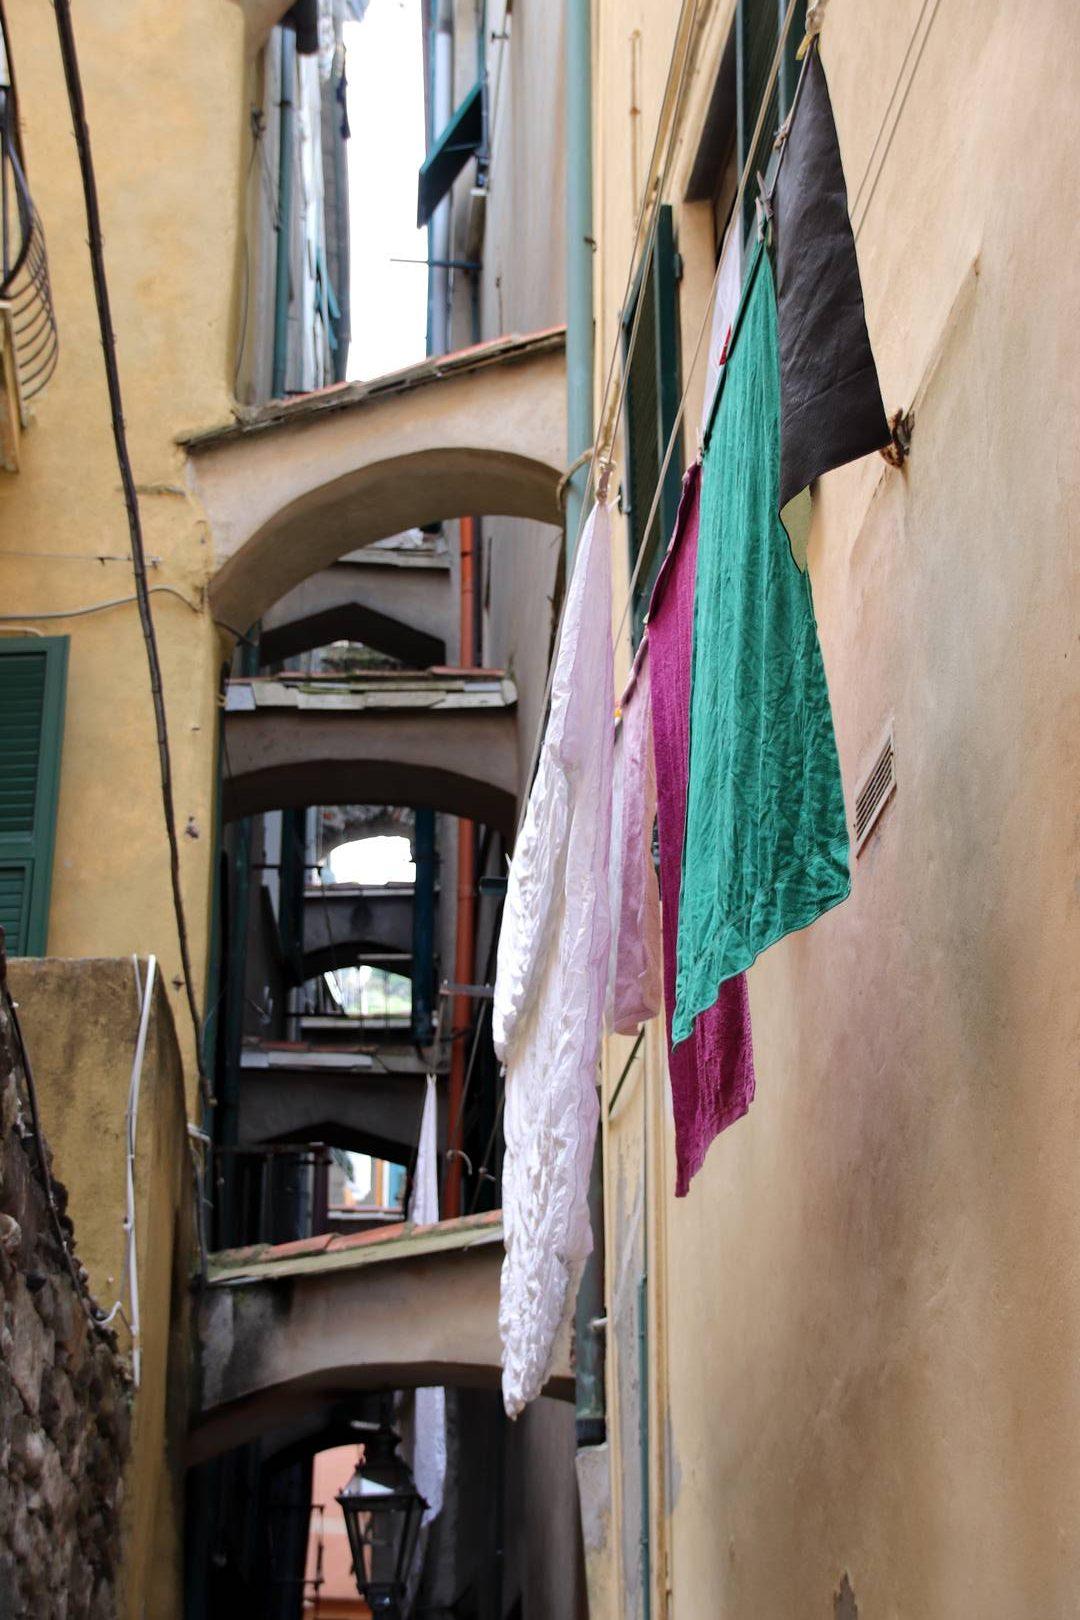 Italie - Linge qui sèche dans le village de Vernazza, parc des cinque terre